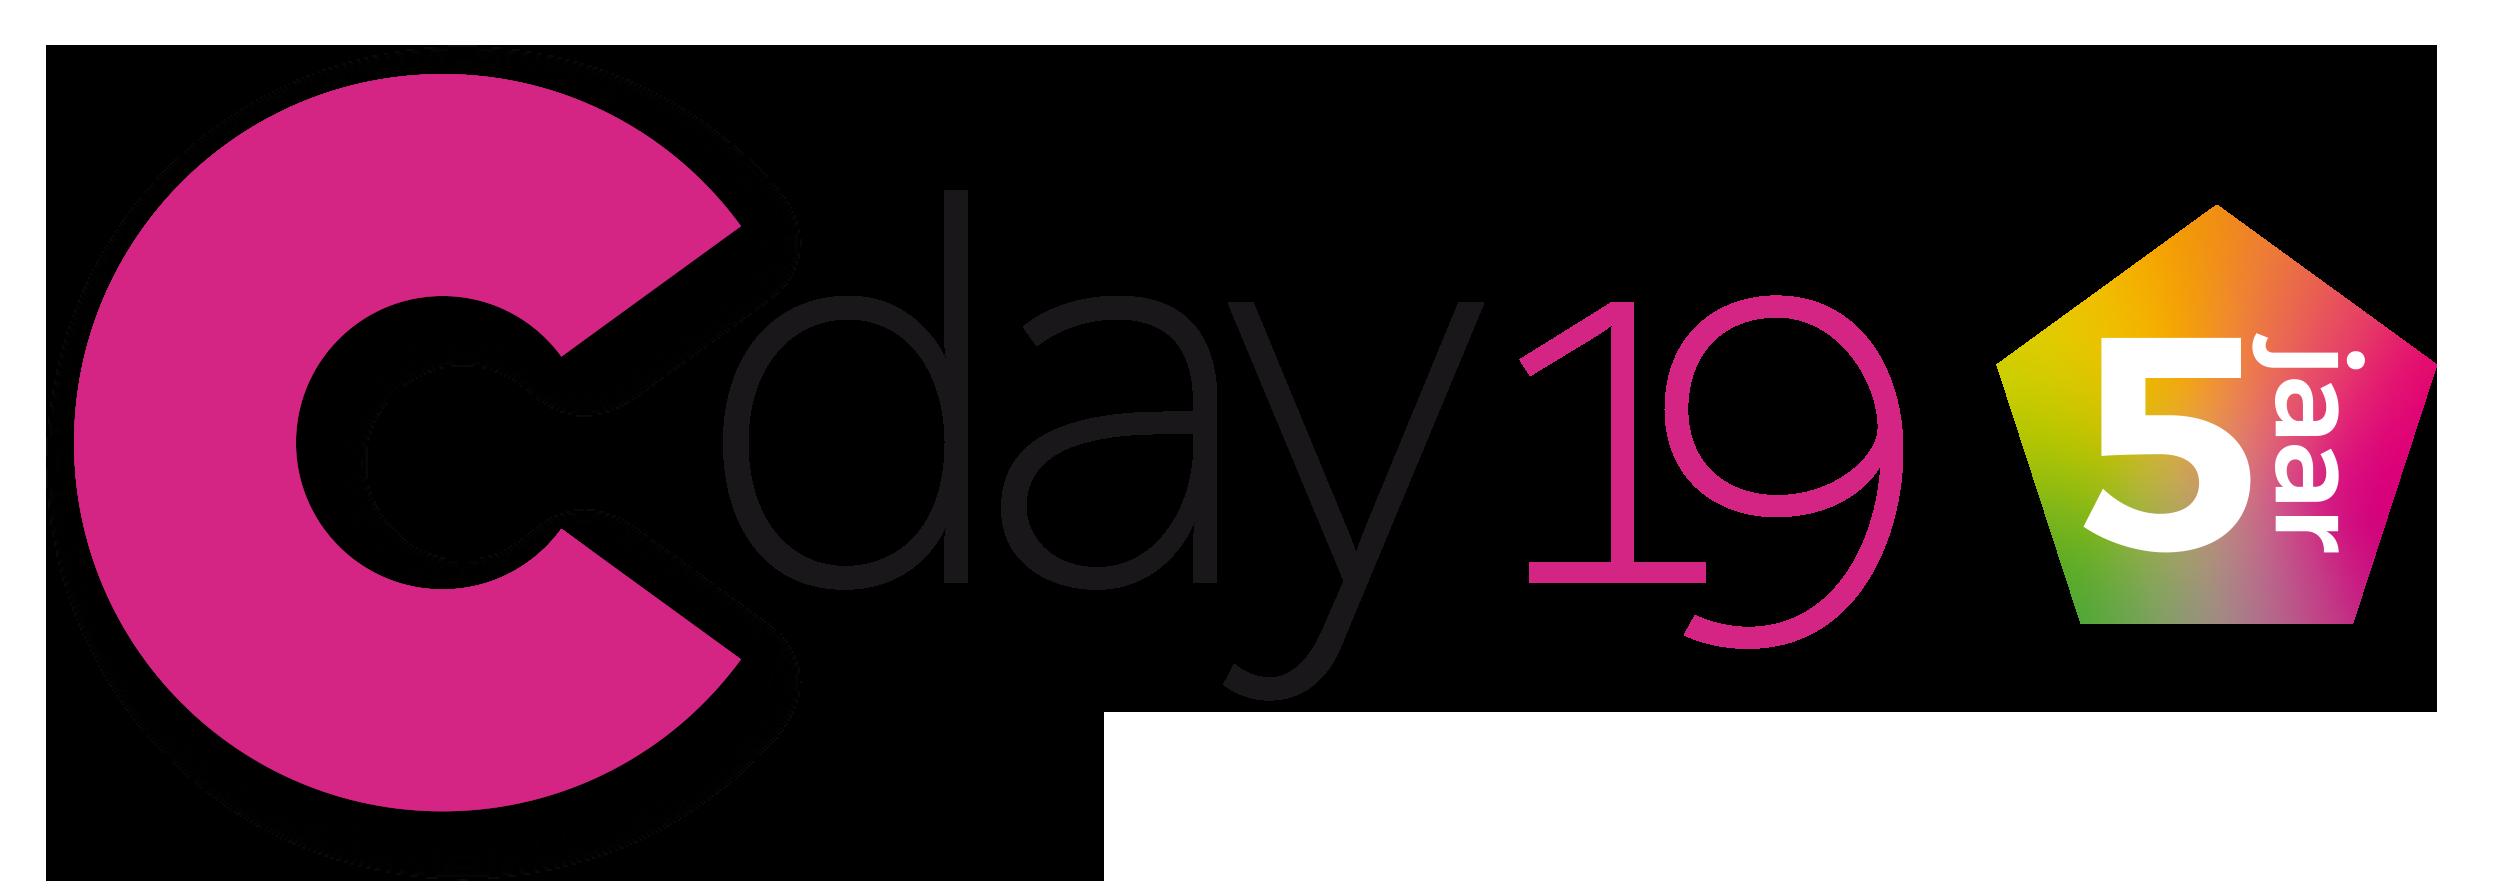 logo-Cday19-5-jaar